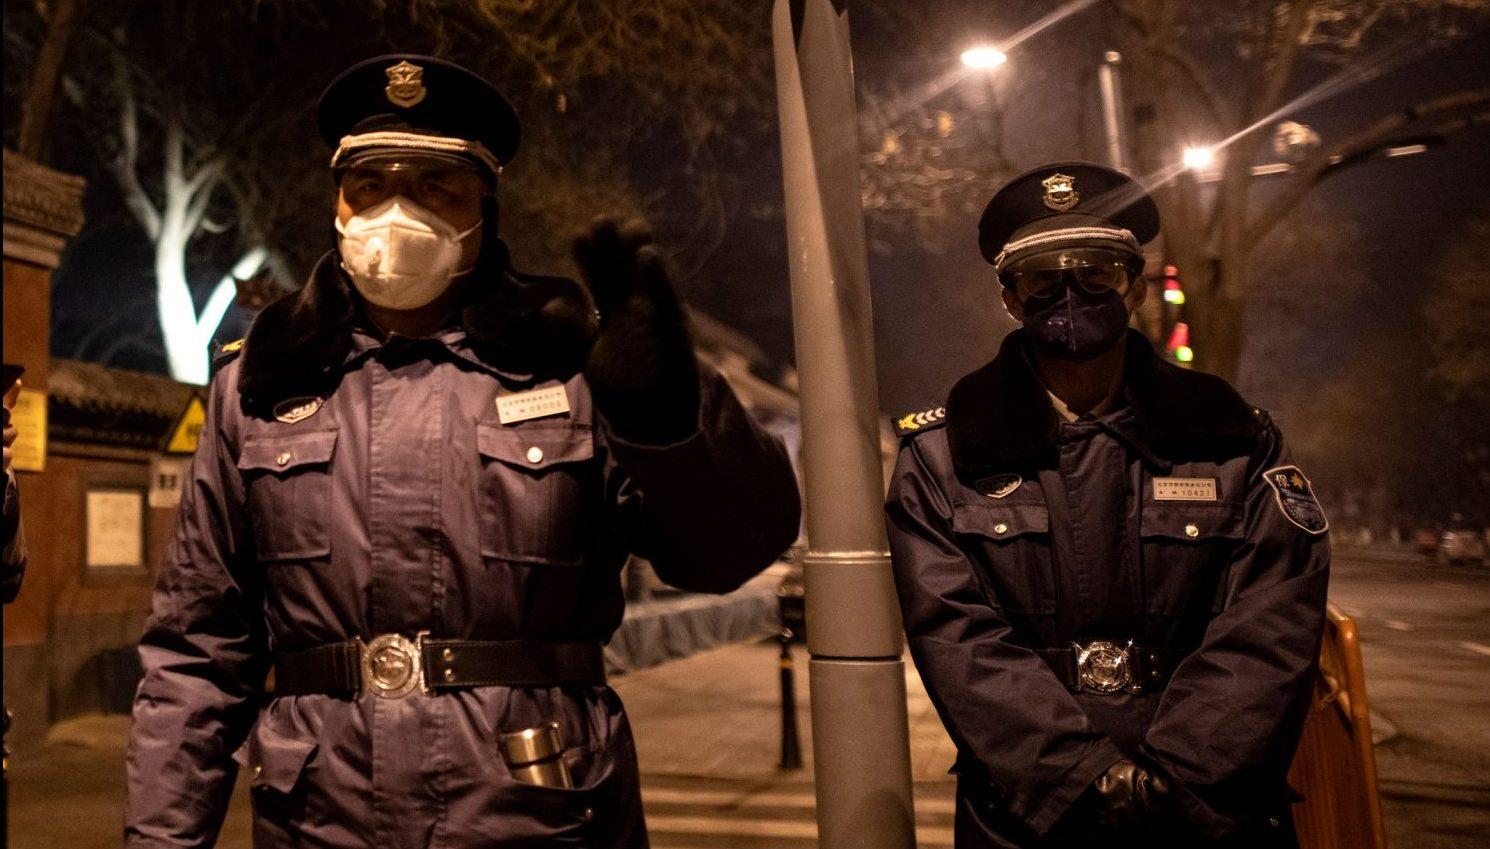 """Offiziell aufgelöst – doch Chinas Geheim-""""Büro 610"""" verfolgt weiter Menschen"""